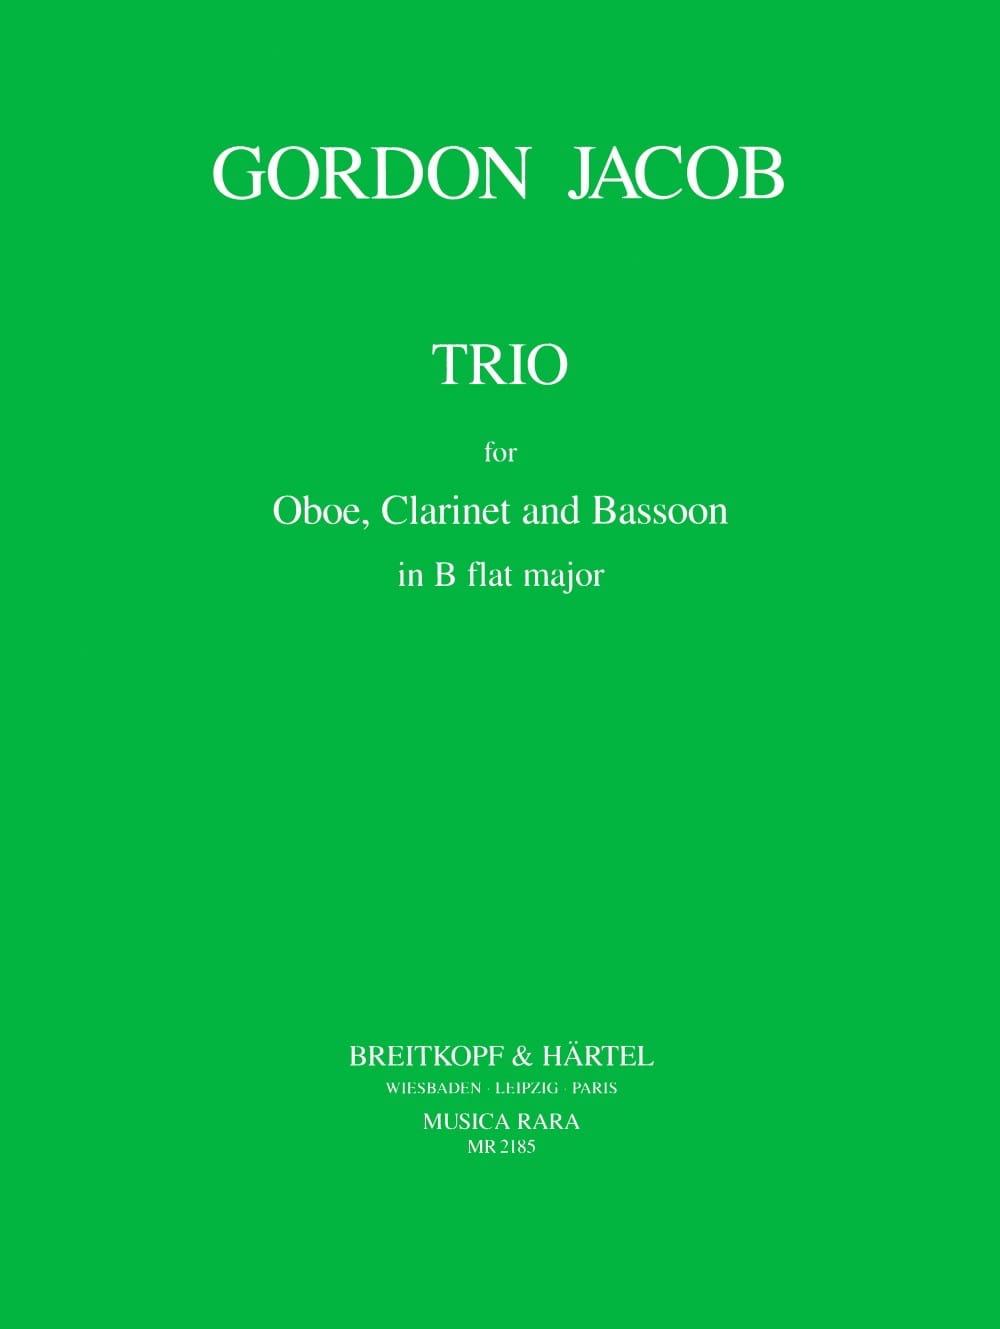 Trio - Gordon Jacob - Partition - Trios - laflutedepan.com